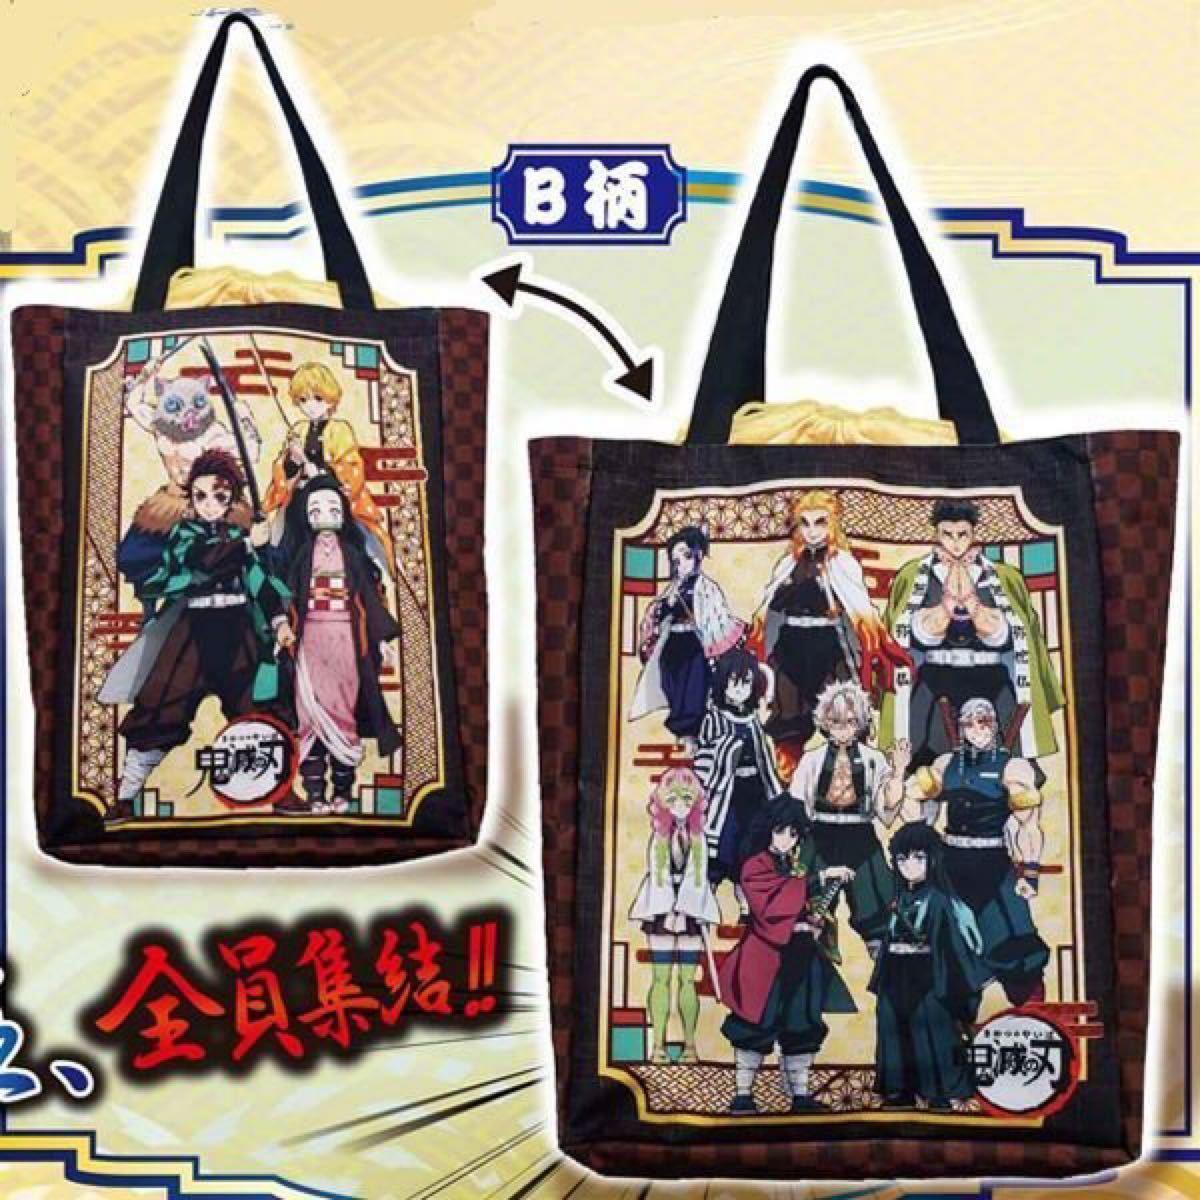 【送料無料・匿名配送】鬼滅の刃巾着付きランドリー収納バッグ